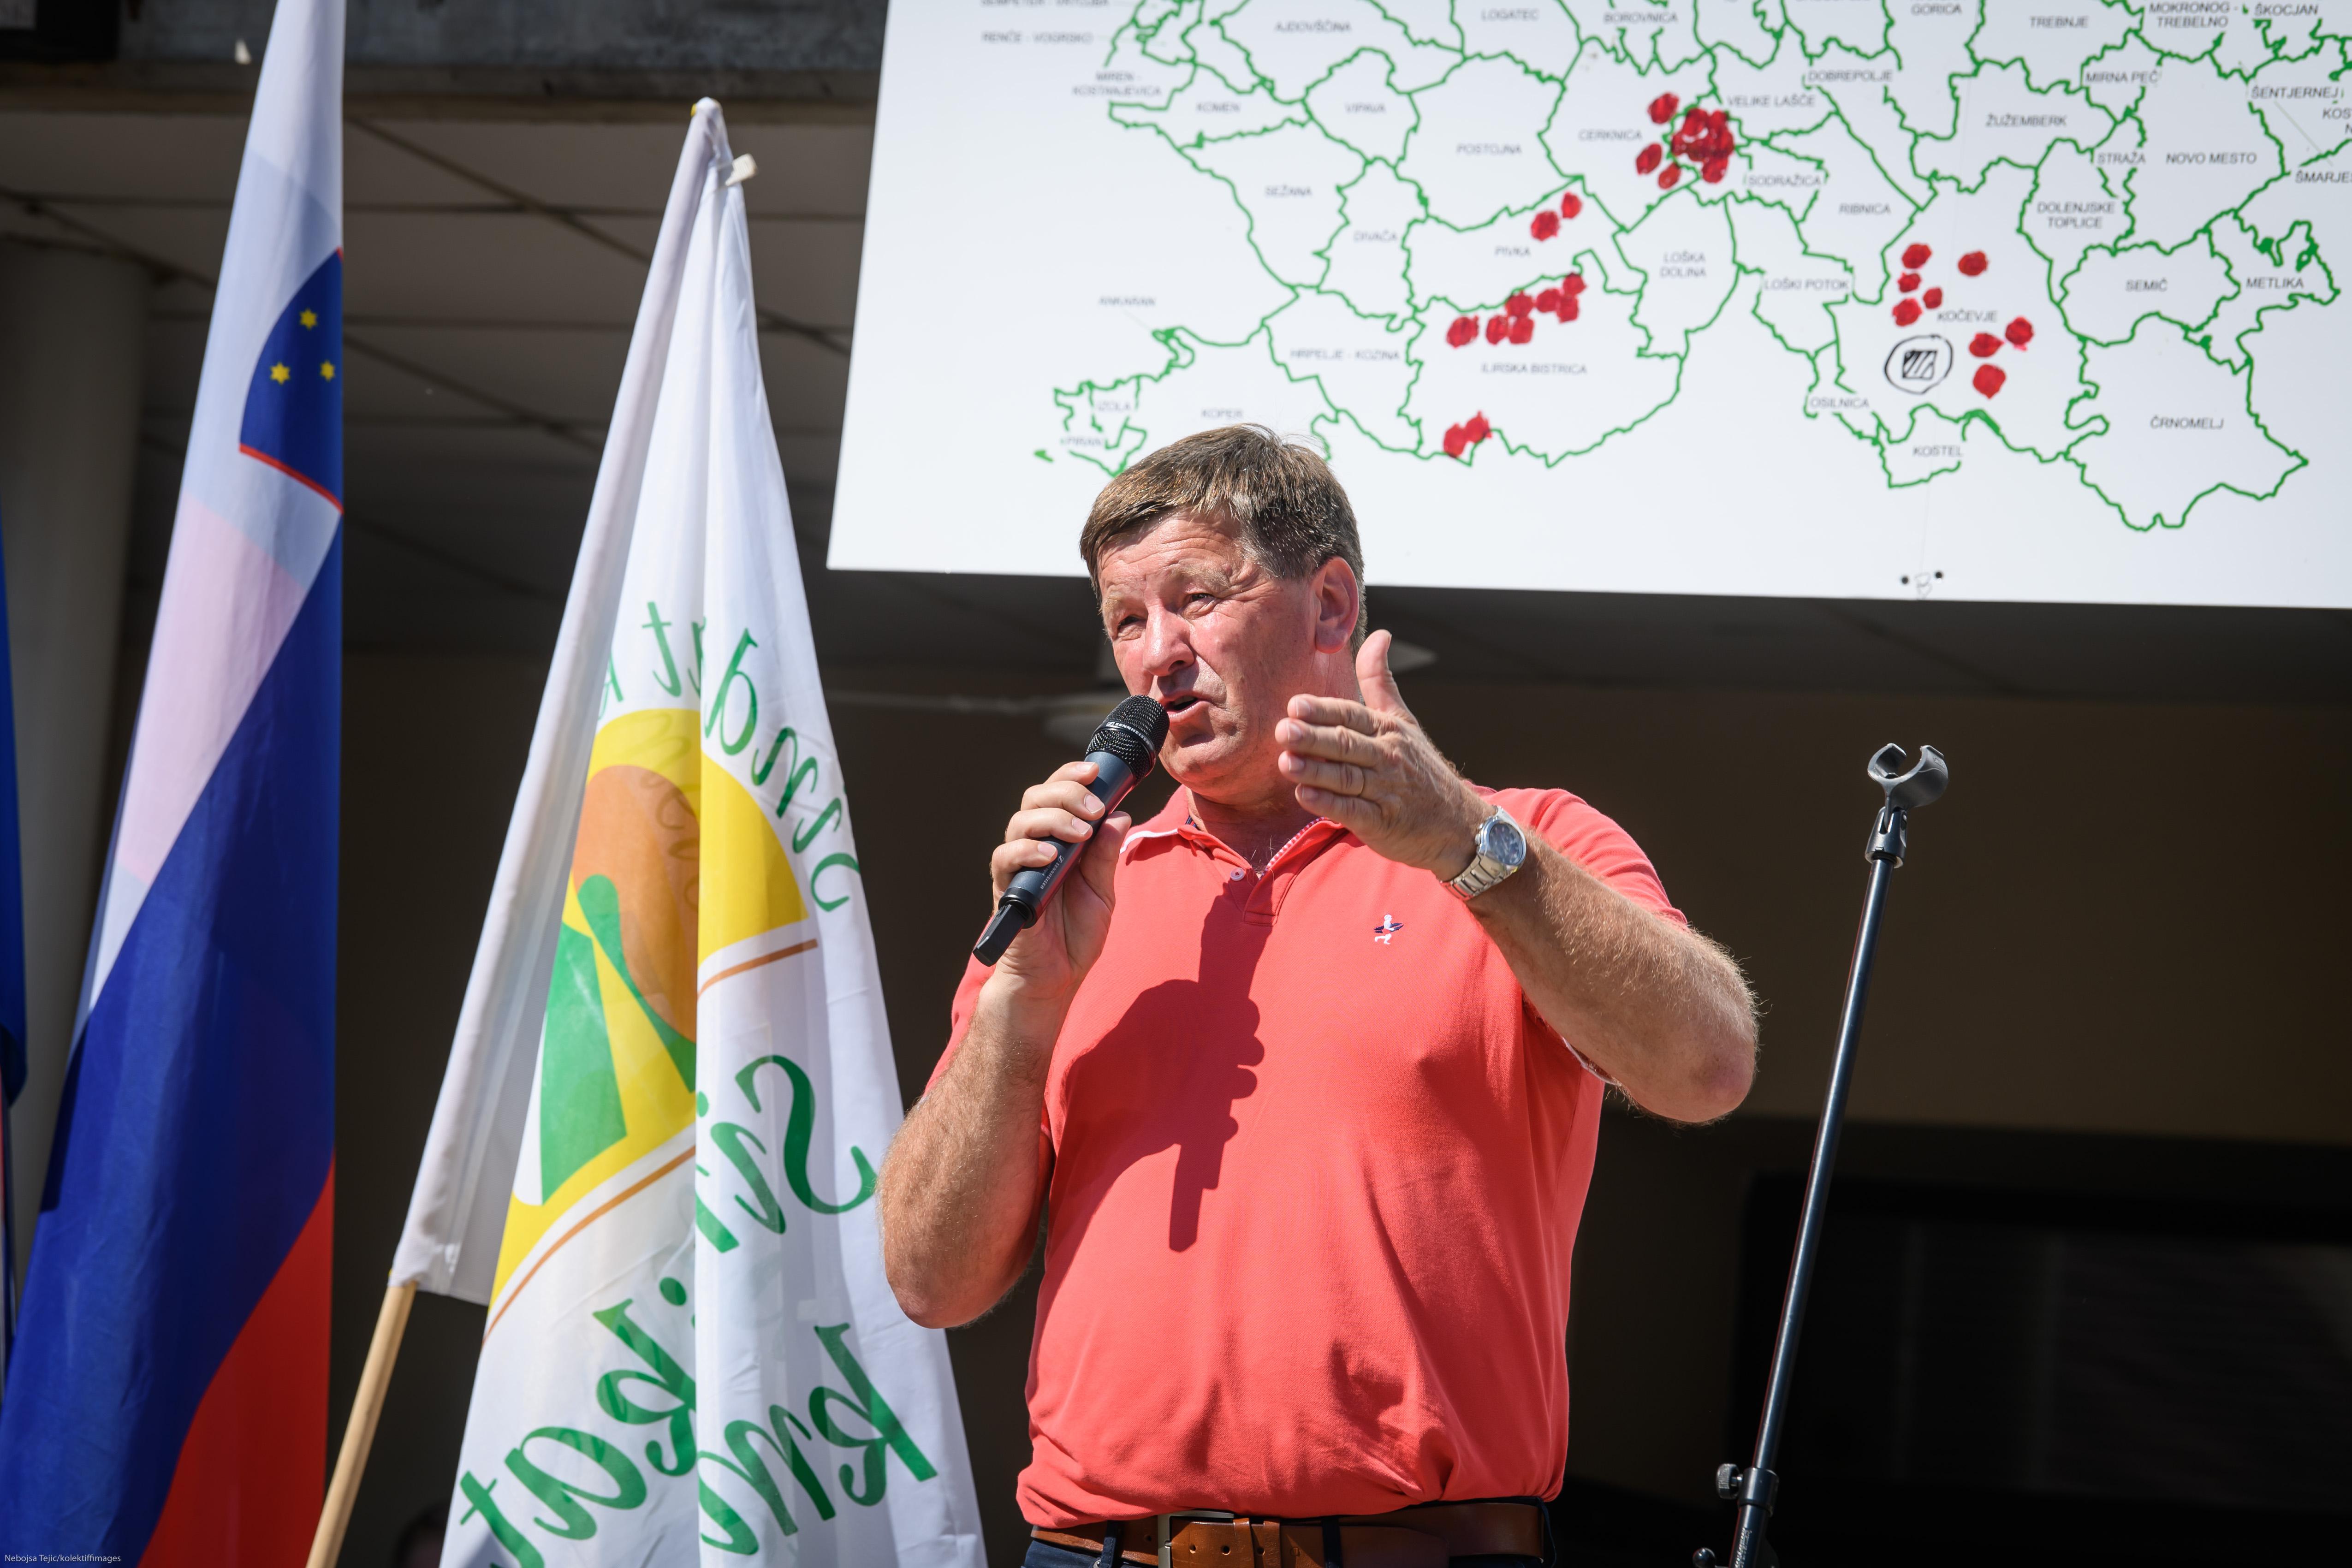 Evropski poslanec Franc Bogovi upa, da so tokratni slovenski predstavniki veliko bolje kot pred leti pod Židanovim poveljstvom glede slovenske zaščite vina teran. (Foto: STA)